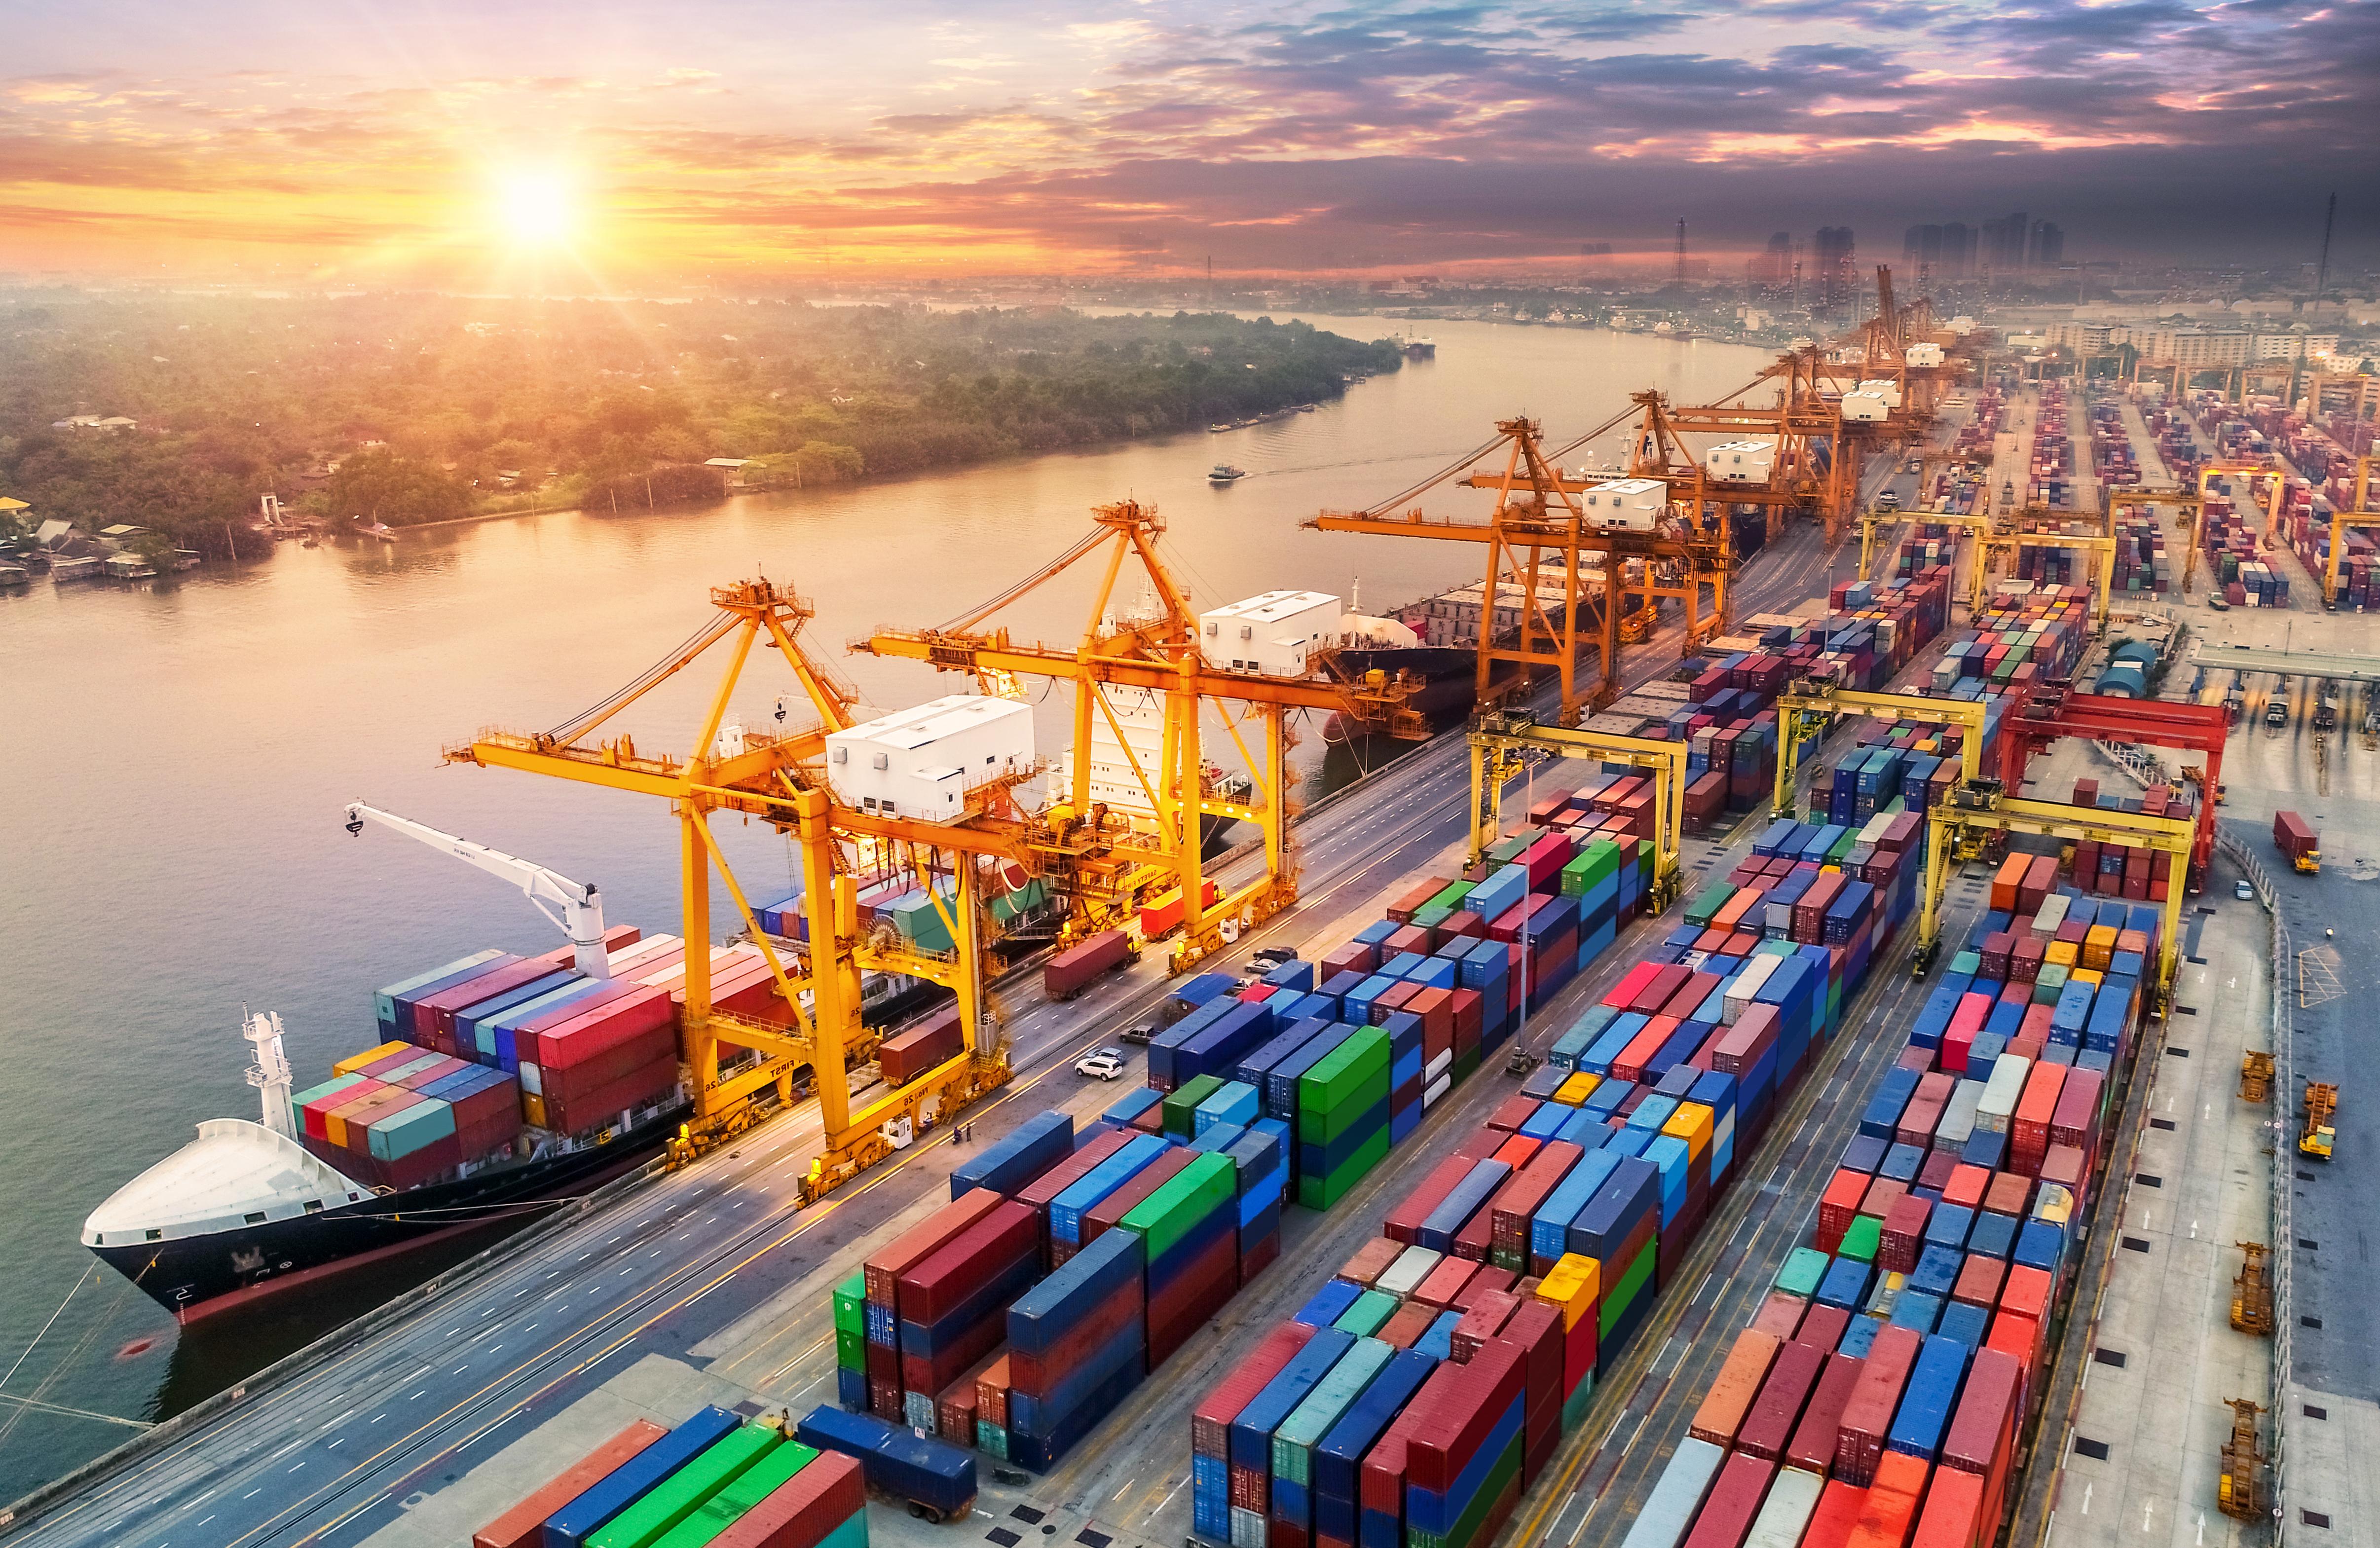 集装箱货船和货运飞机的物流和运输与工作的起重机桥梁在日出的造船厂,物流进口出口和运输产业背景